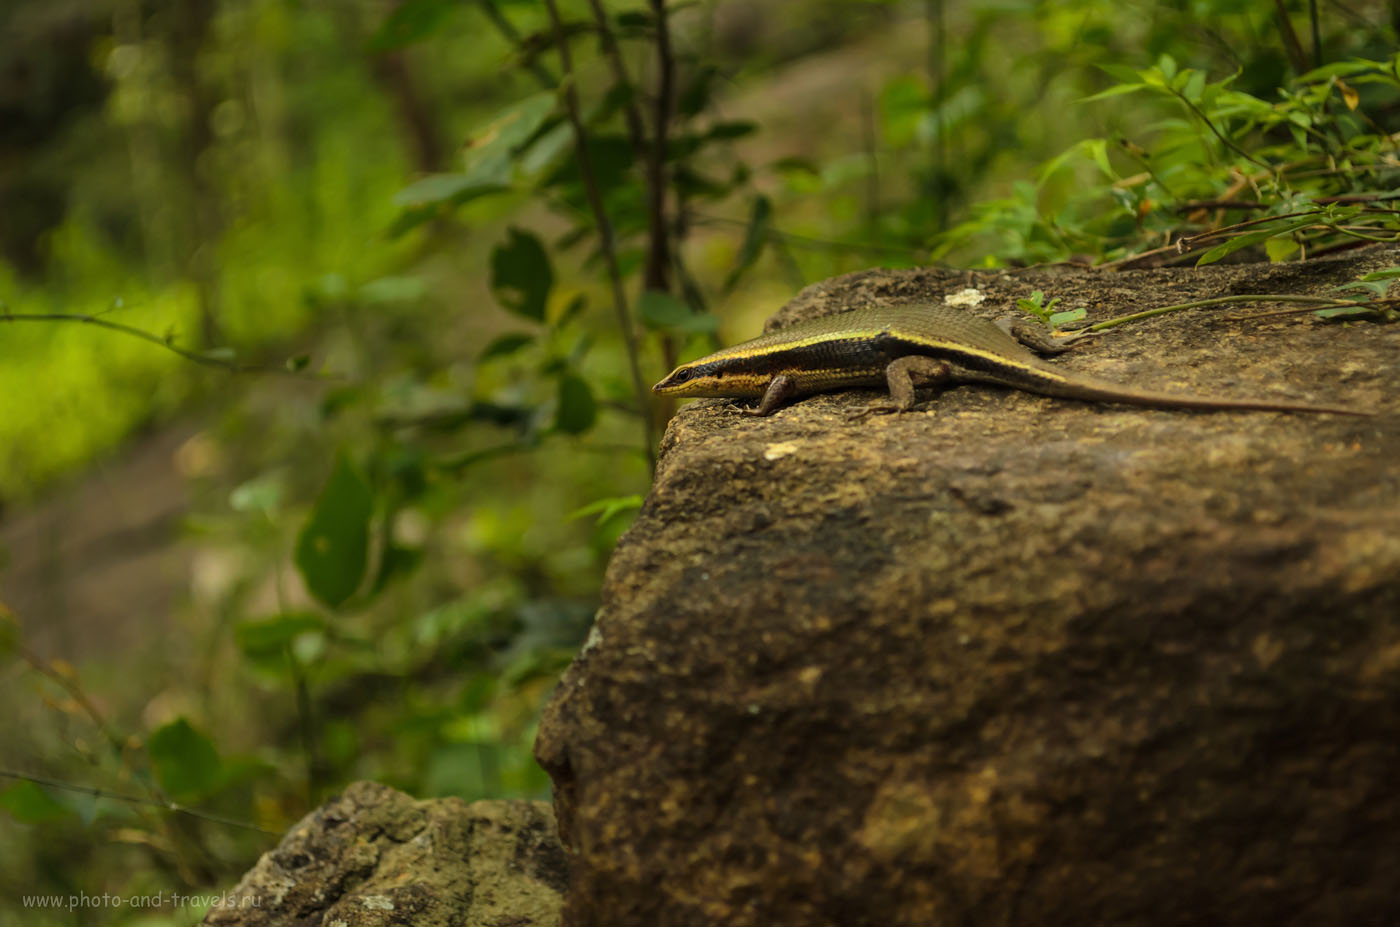 Фото 15. Ящерица на каменной ступени у подножья горы Сигирия. Отзывы туристов о самостоятельных поездках к интересным местам на Шри-Ланке.